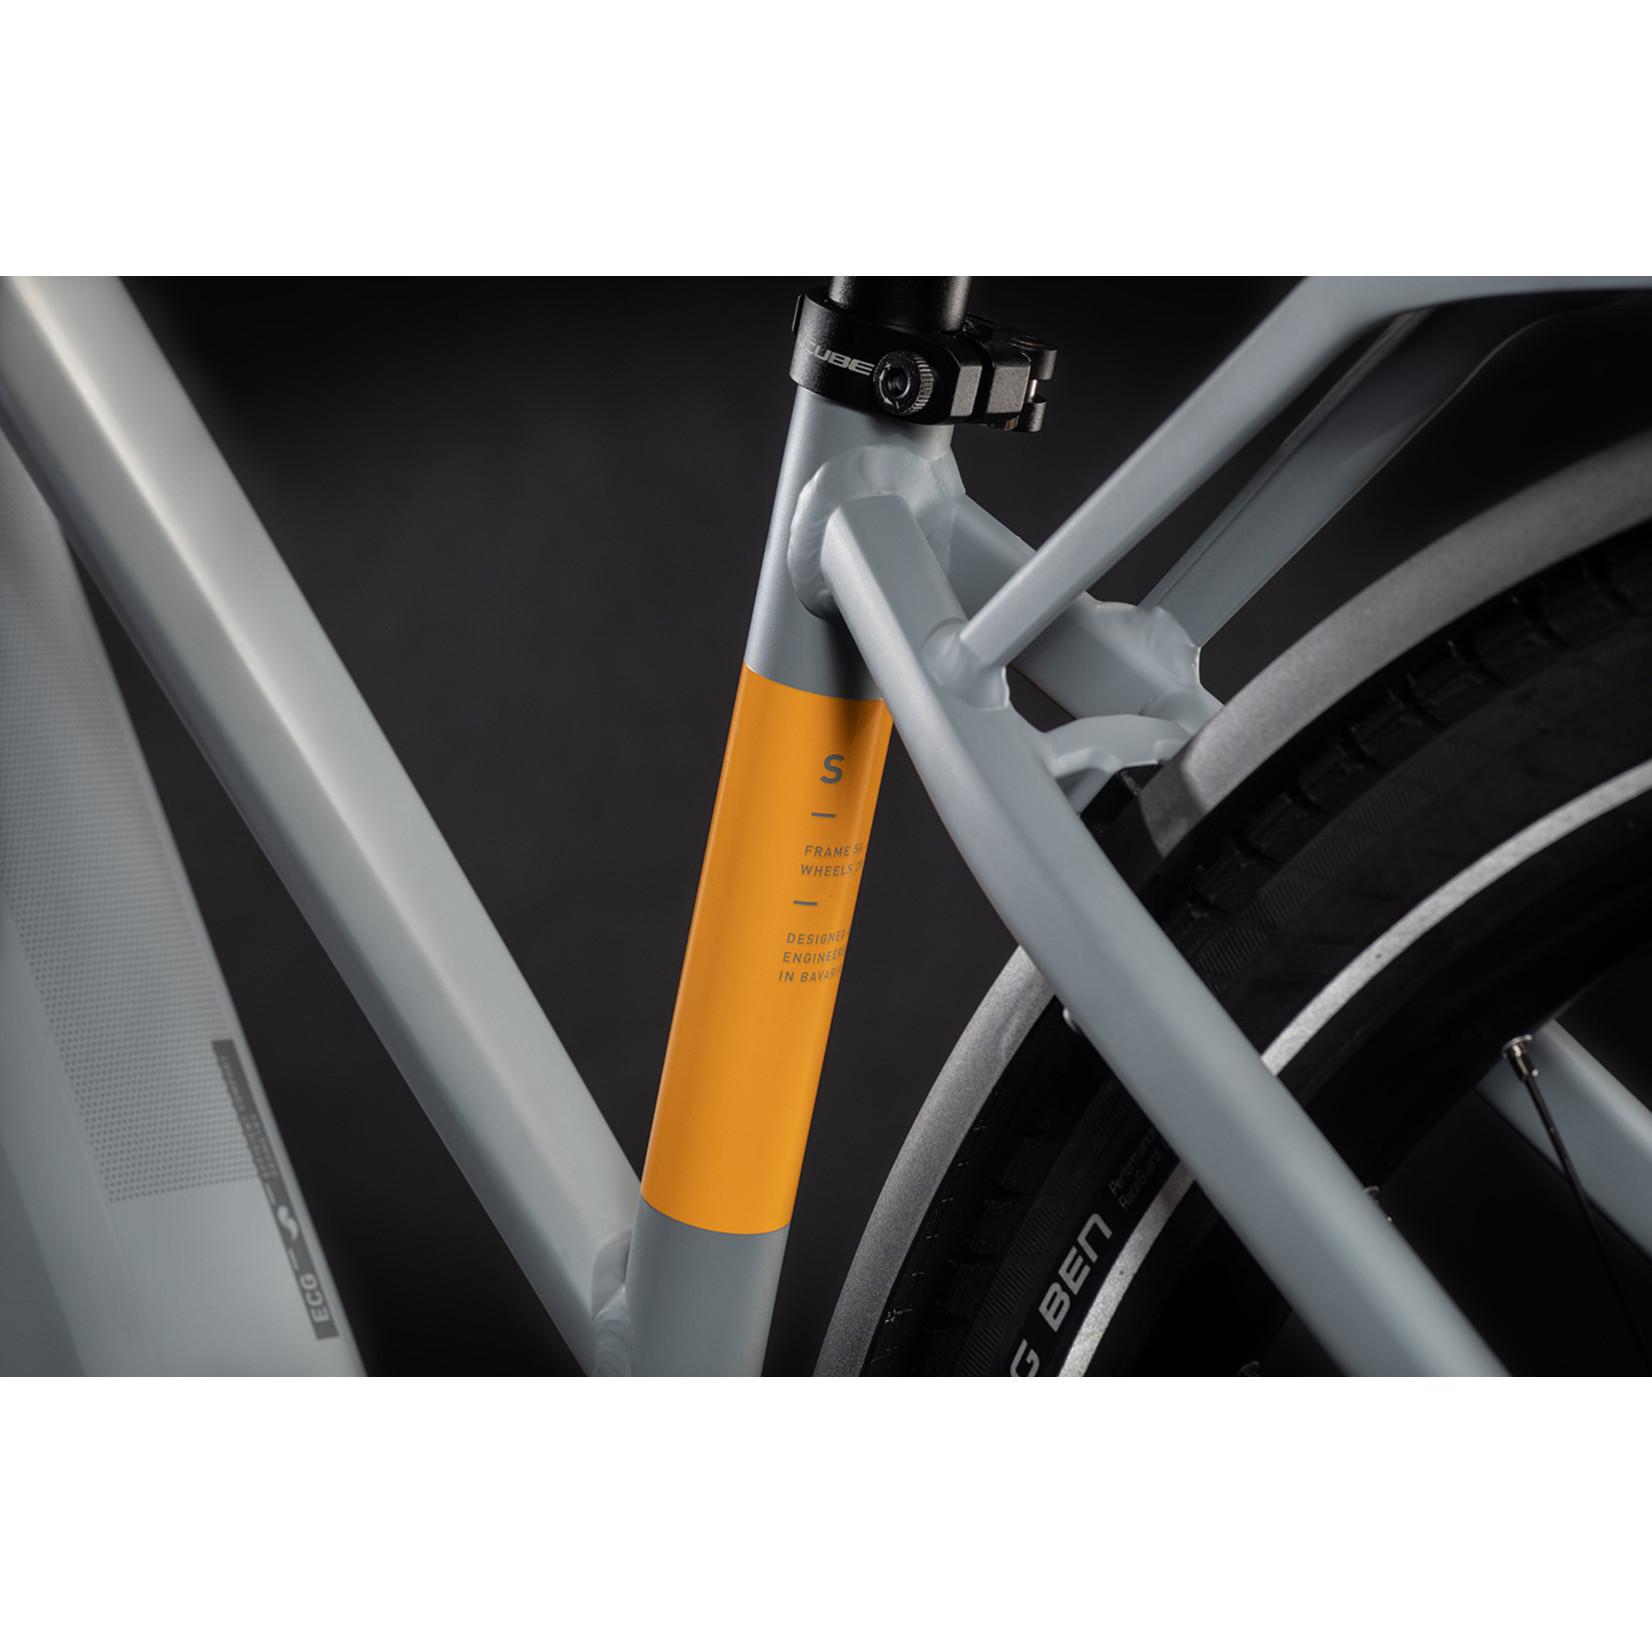 CUBE Cube Touring Hybrid Pro 500 grey'n'orange 2021